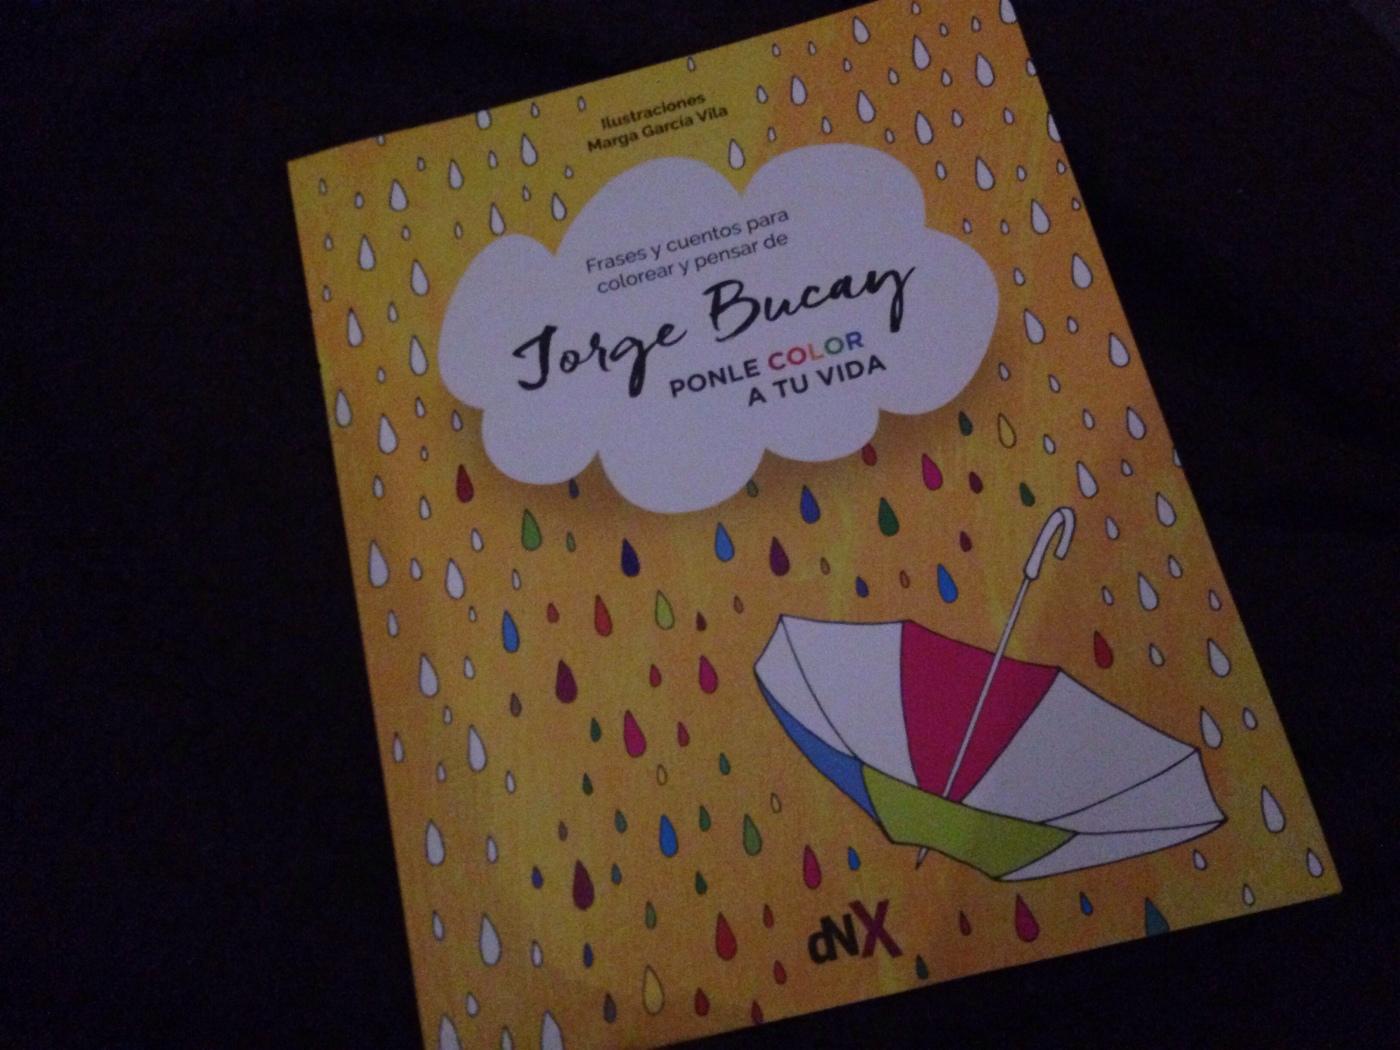 Frases y cuentos para colorear de Jorge Bucay – La chica del bolígrafo